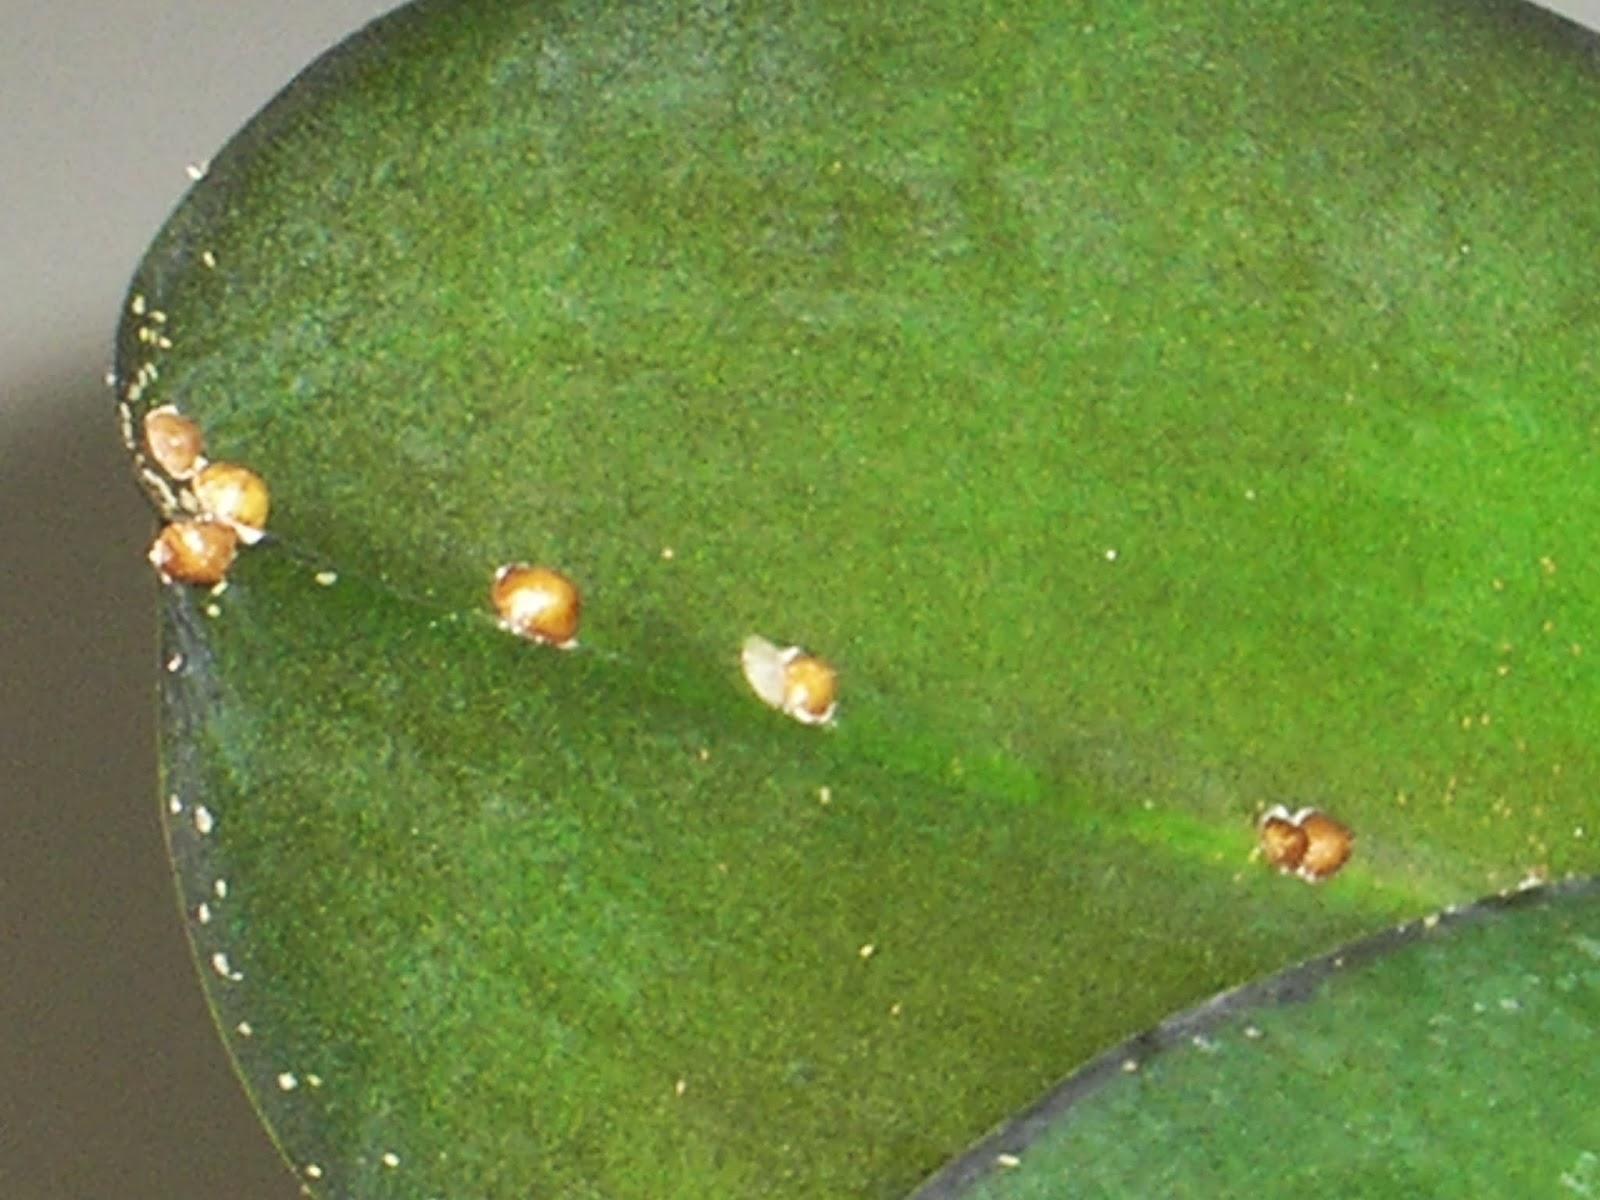 щитовка на орхидеях фото